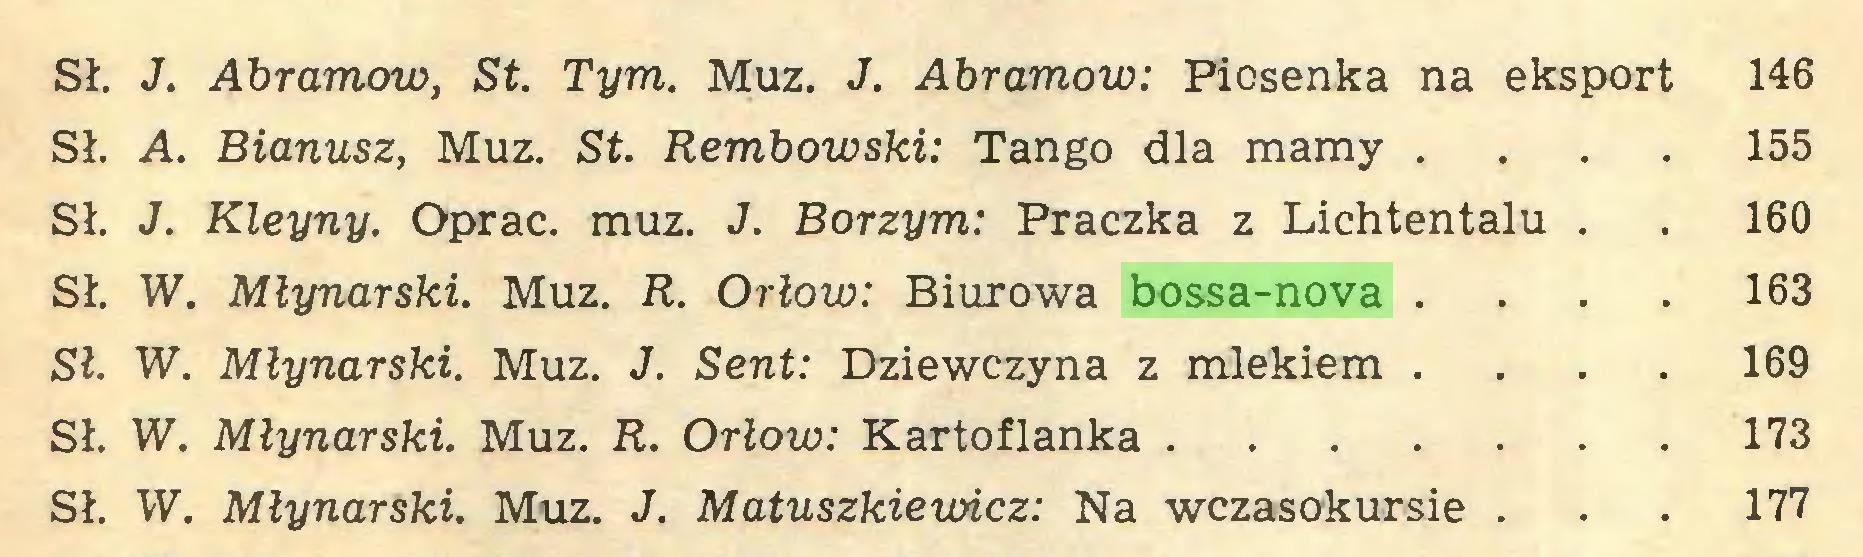 (...) Sł. J. Abramów, St. Tym. Muz. J. Abramów: Piosenka na eksport 146 Sł. A. Bianusz, Muz. St. Rembowski: Tango dla mamy ... 155 Sł. J. Kleyny. Oprać. muz. J. Borzym: Praczka z Lichtentalu . . 160 Sł. W. Młynarski. Muz. R. Orłów: Biurowa bossa-nova ... 163 Sł. W. Młynarski. Muz. J. Sent: Dziewczyna z mlekiem ... 169 Sł. W. Młynarski. Muz. R. Orłów: Kartoflanka 173 Sł. W. Młynarski. Muz. J. Matuszkiewicz: Na wczasokursie . . . 177...